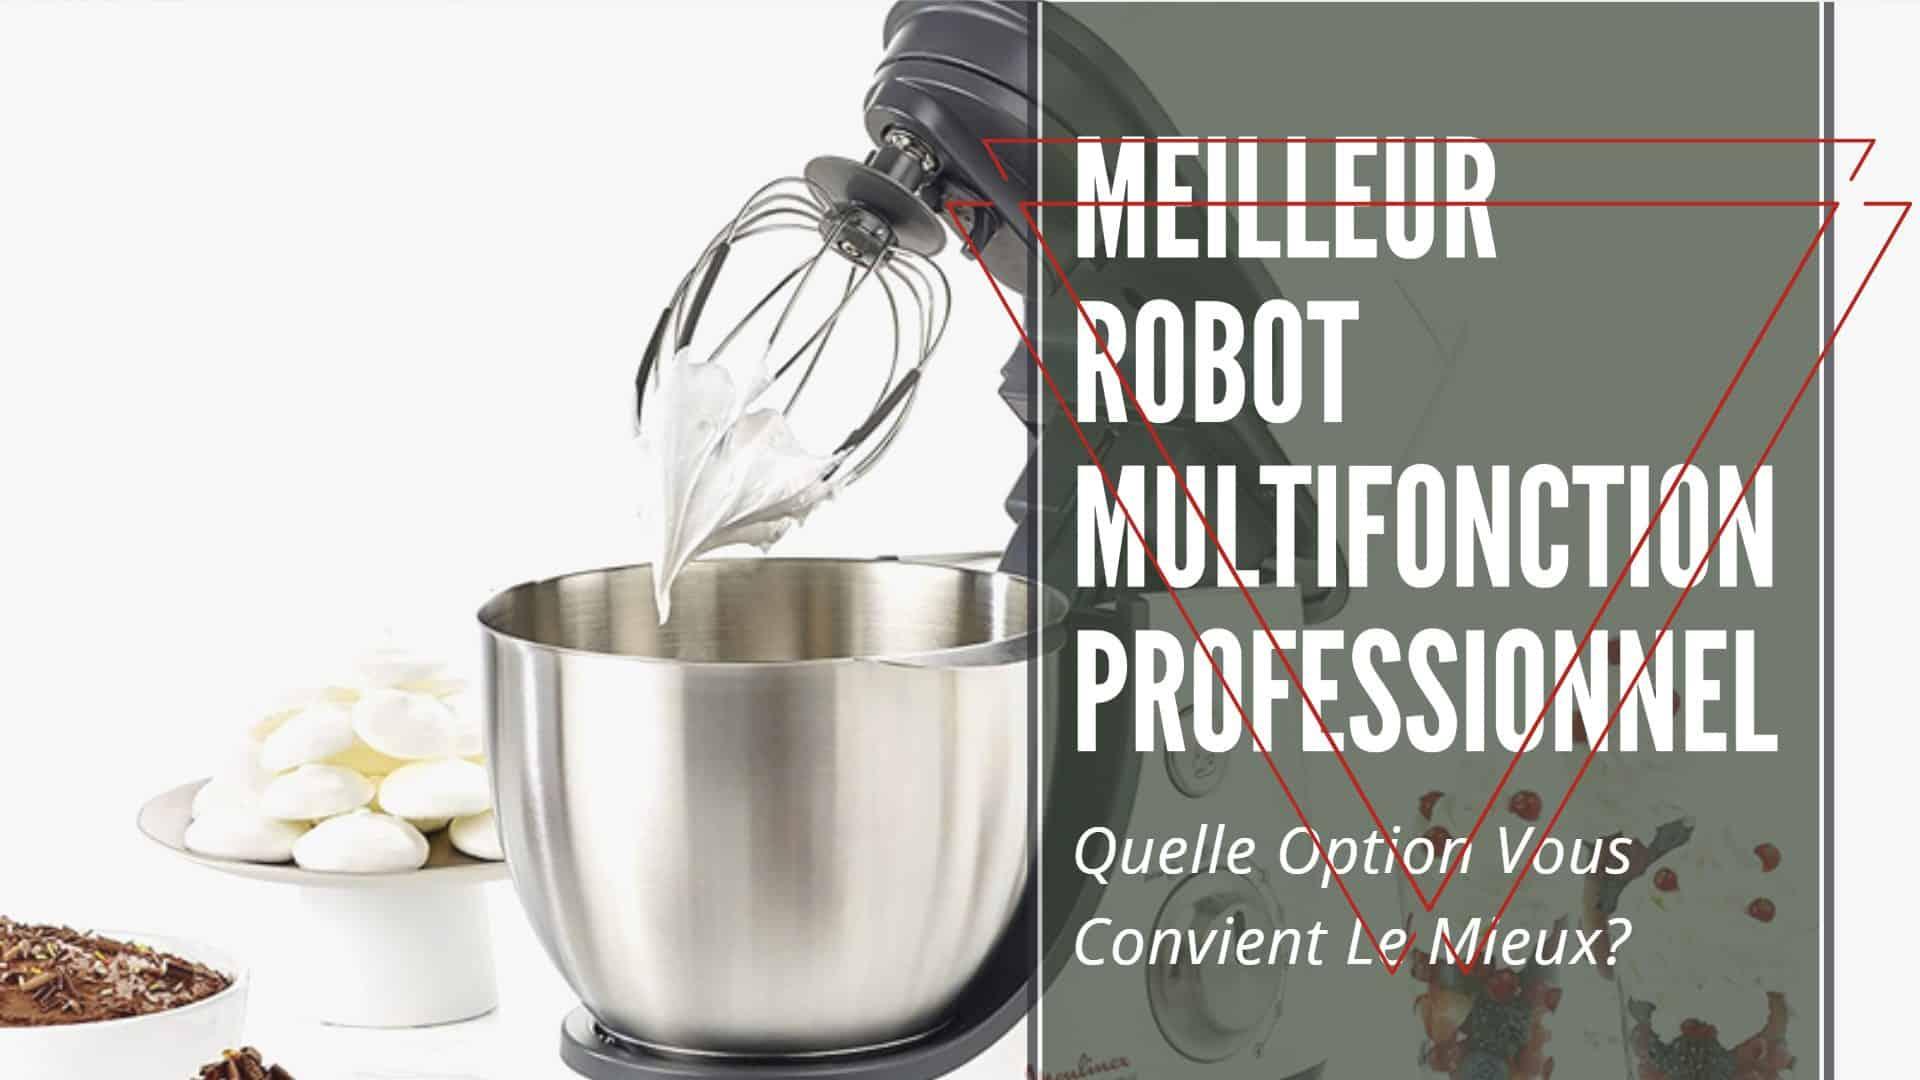 meilleur robot multifonction professionnel